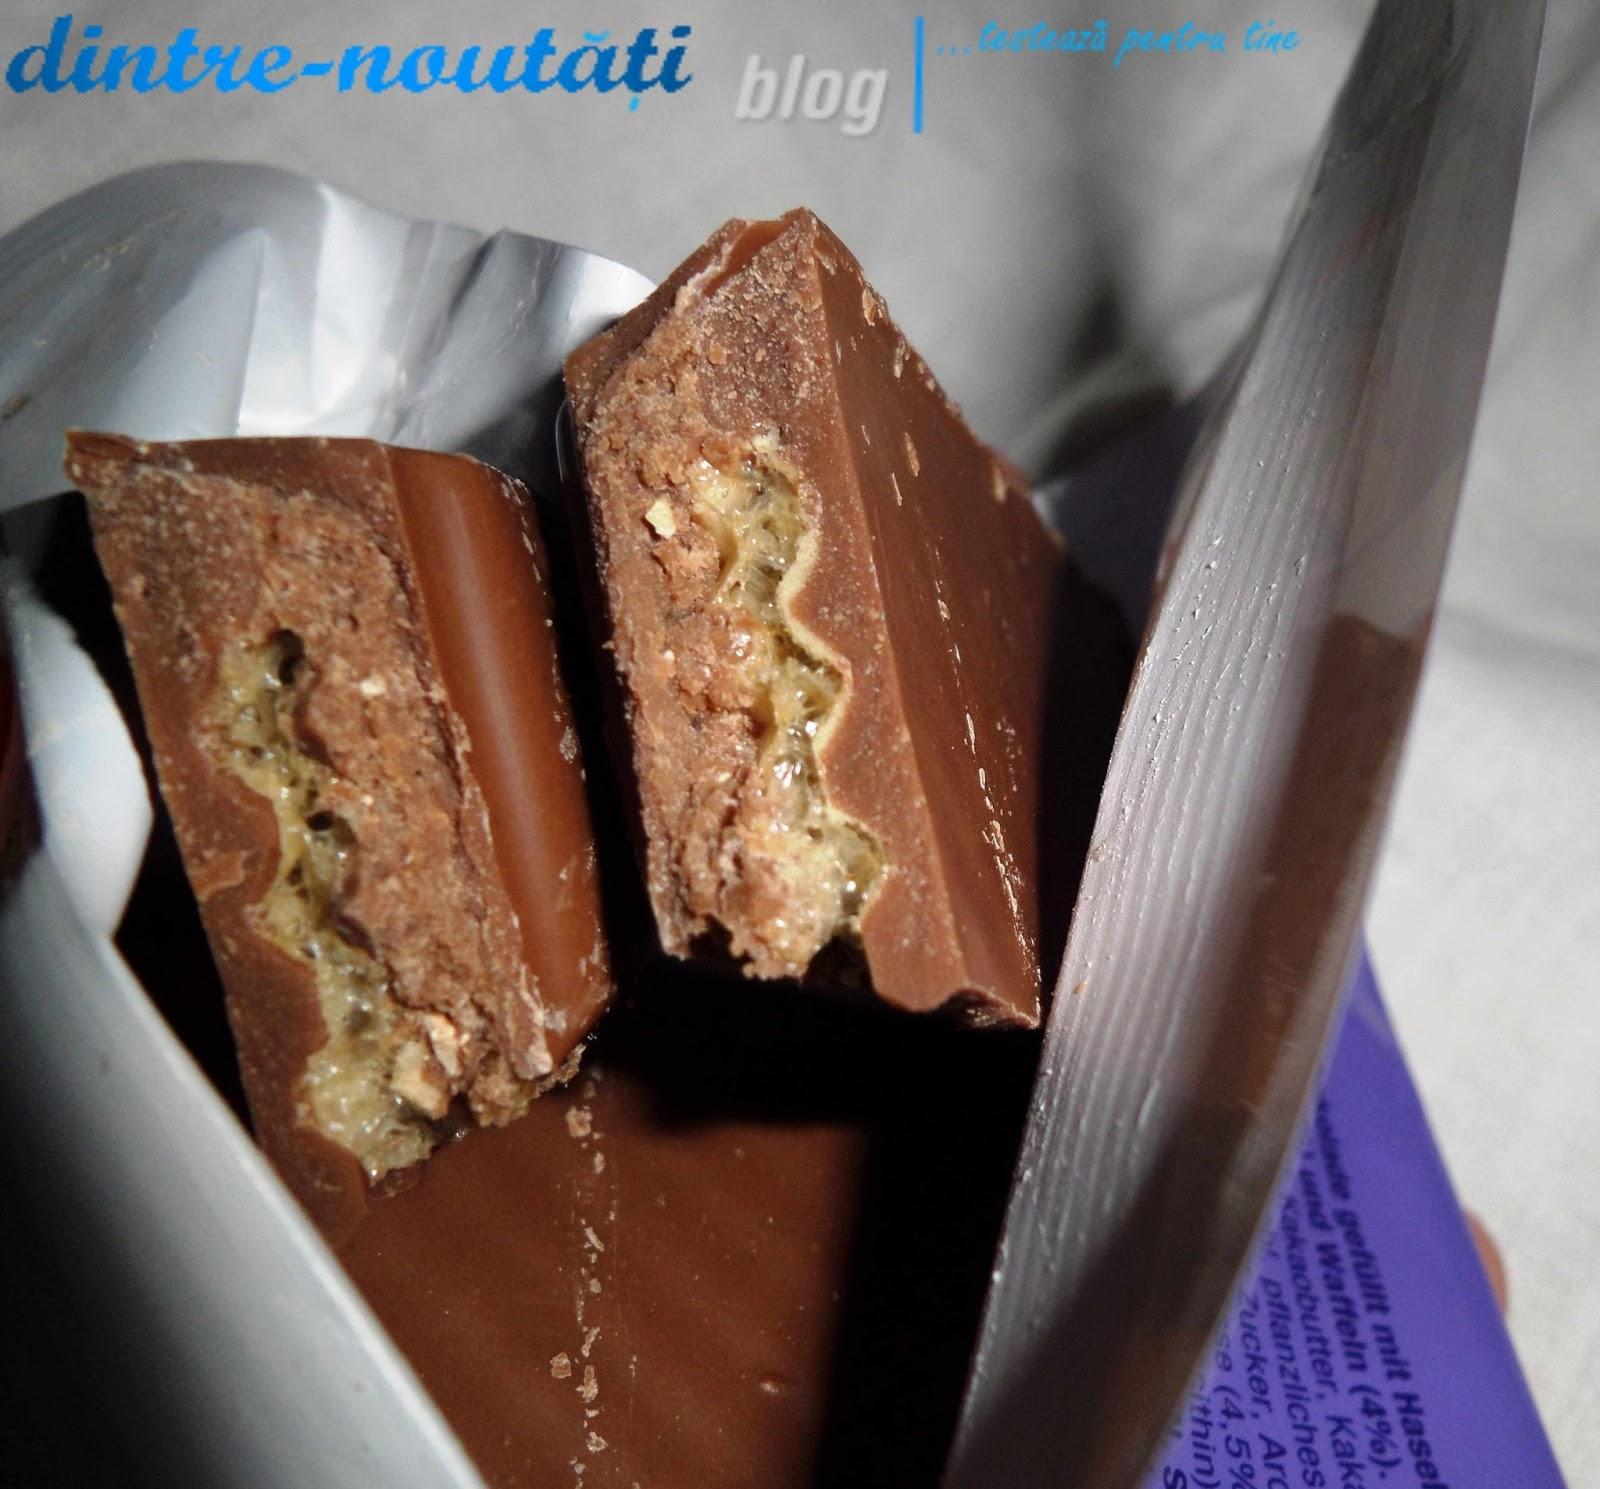 Ciocolata cu lapte din Alpi umplută cu cremă de alune (42%), cu alune crocante (3,5%) și vafă (4%)